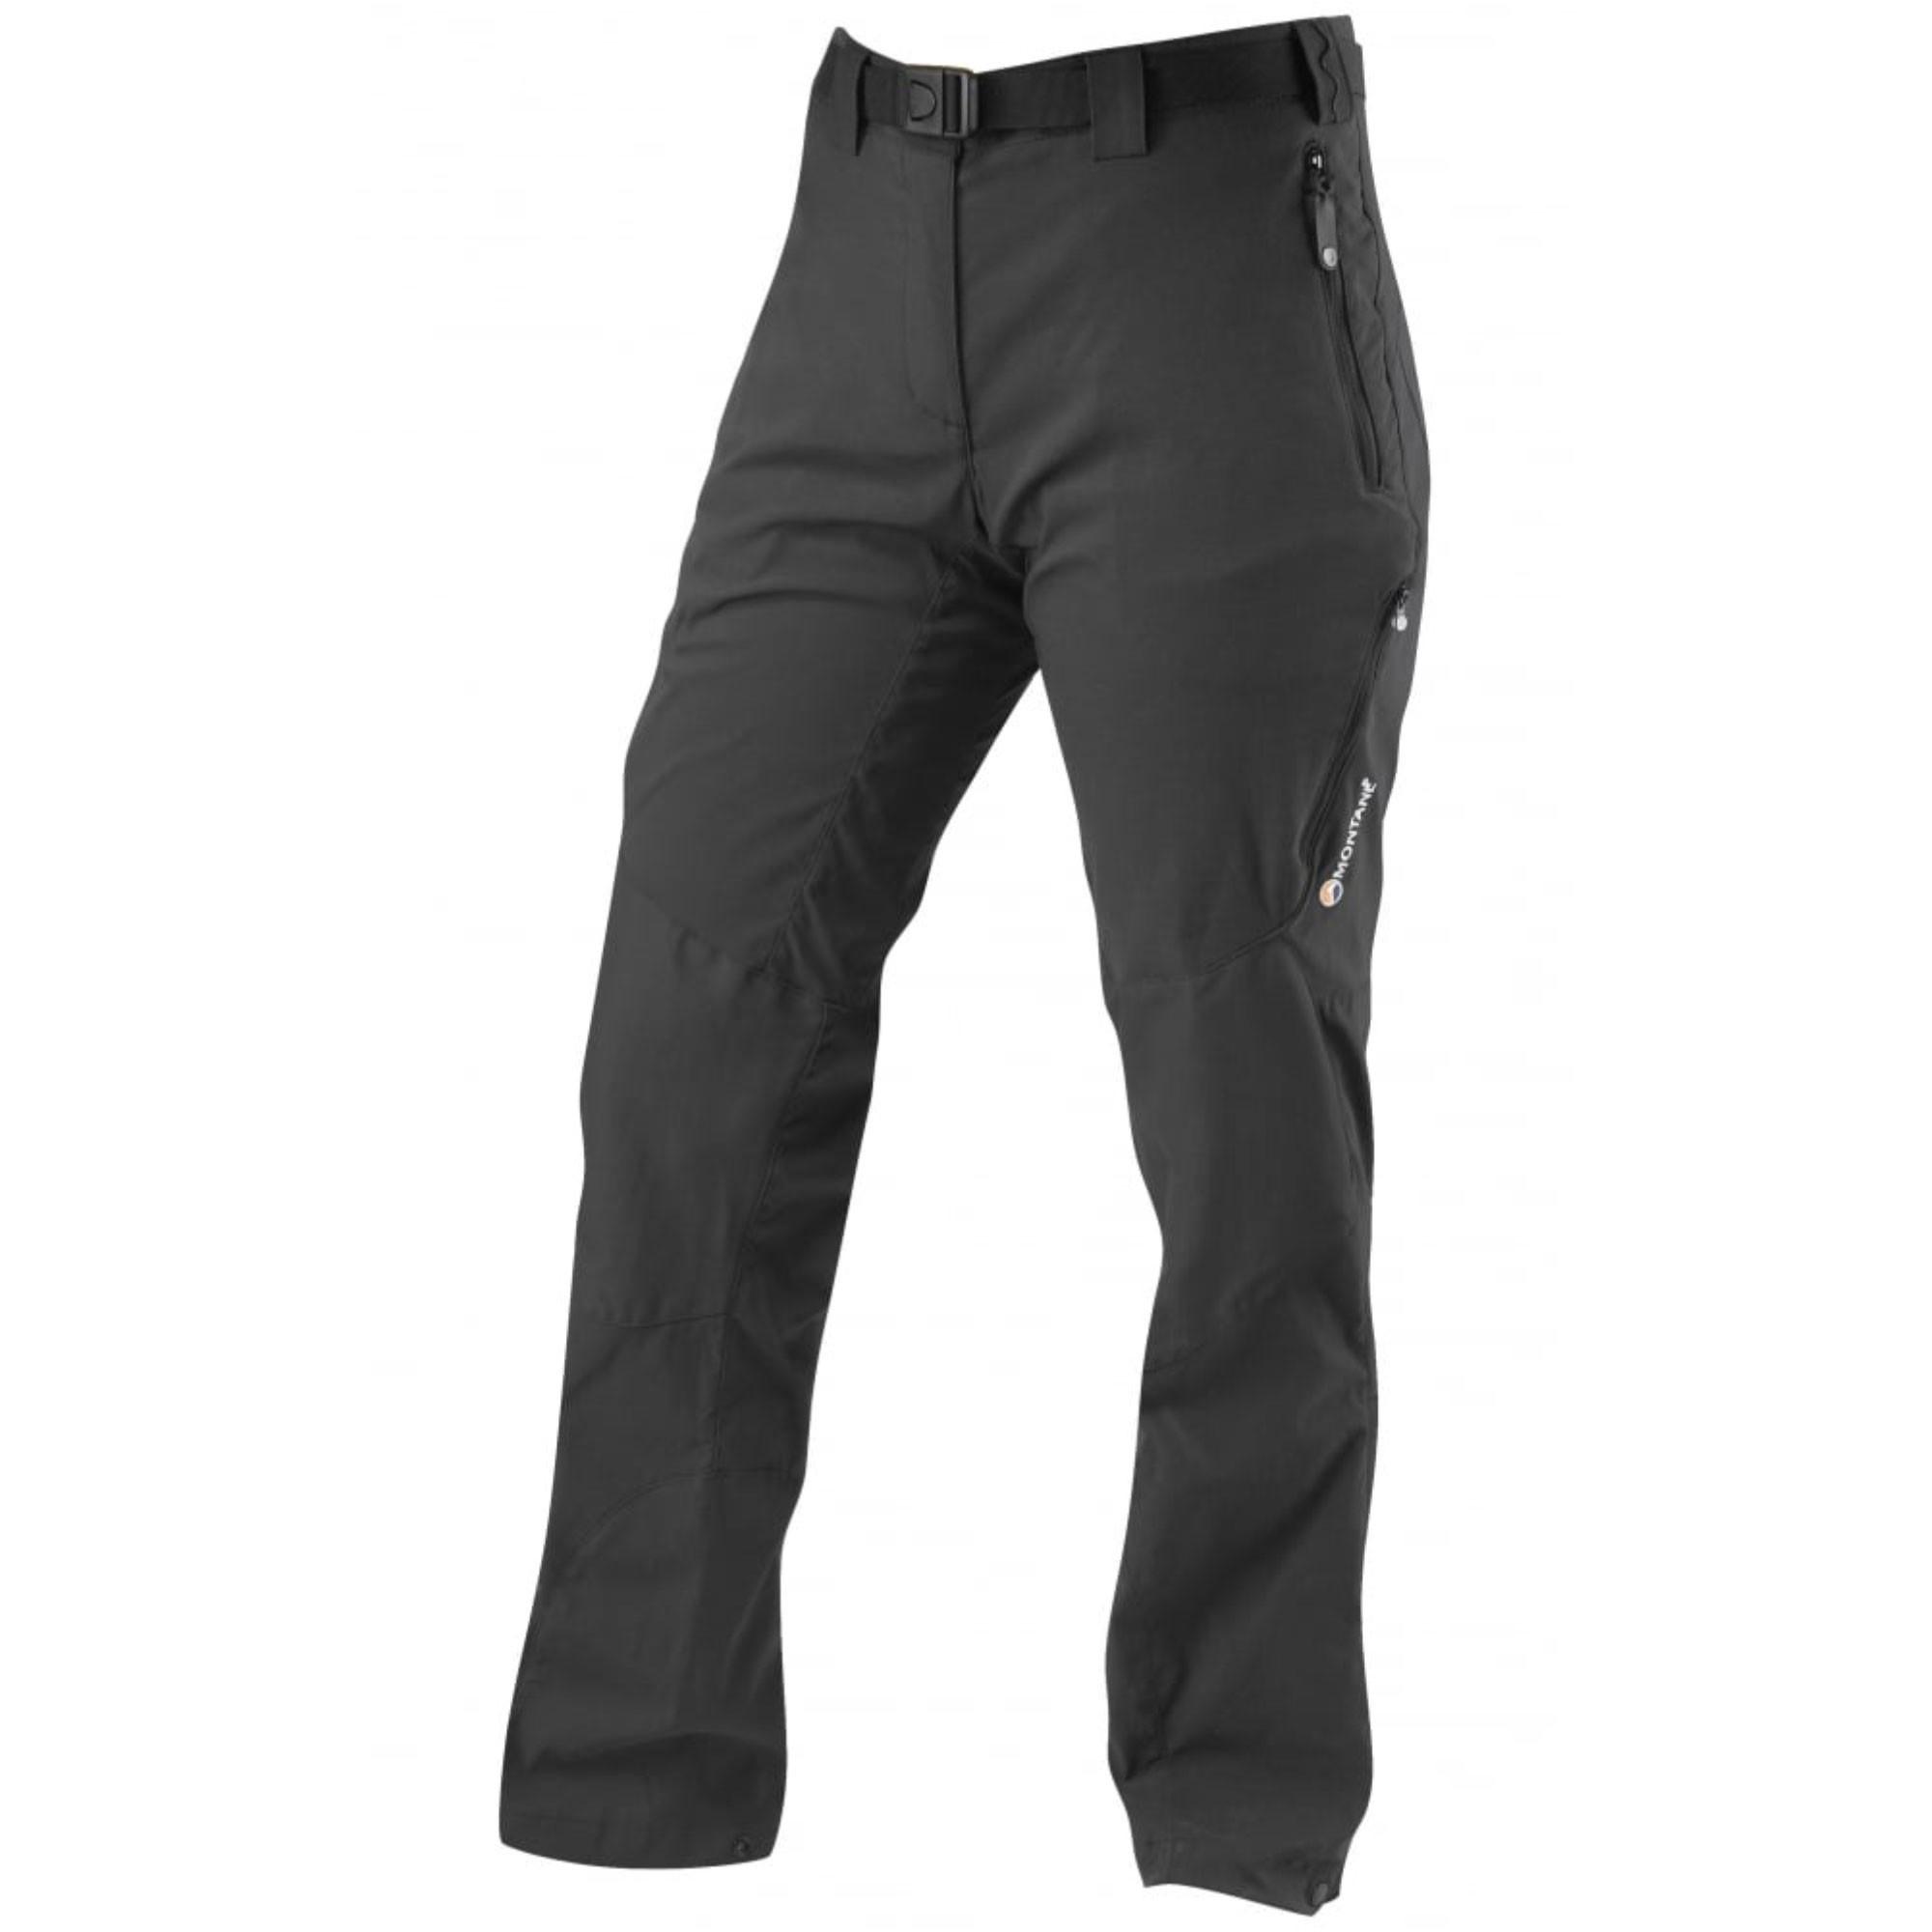 Montane Women's Terra Ridge Pants - Black